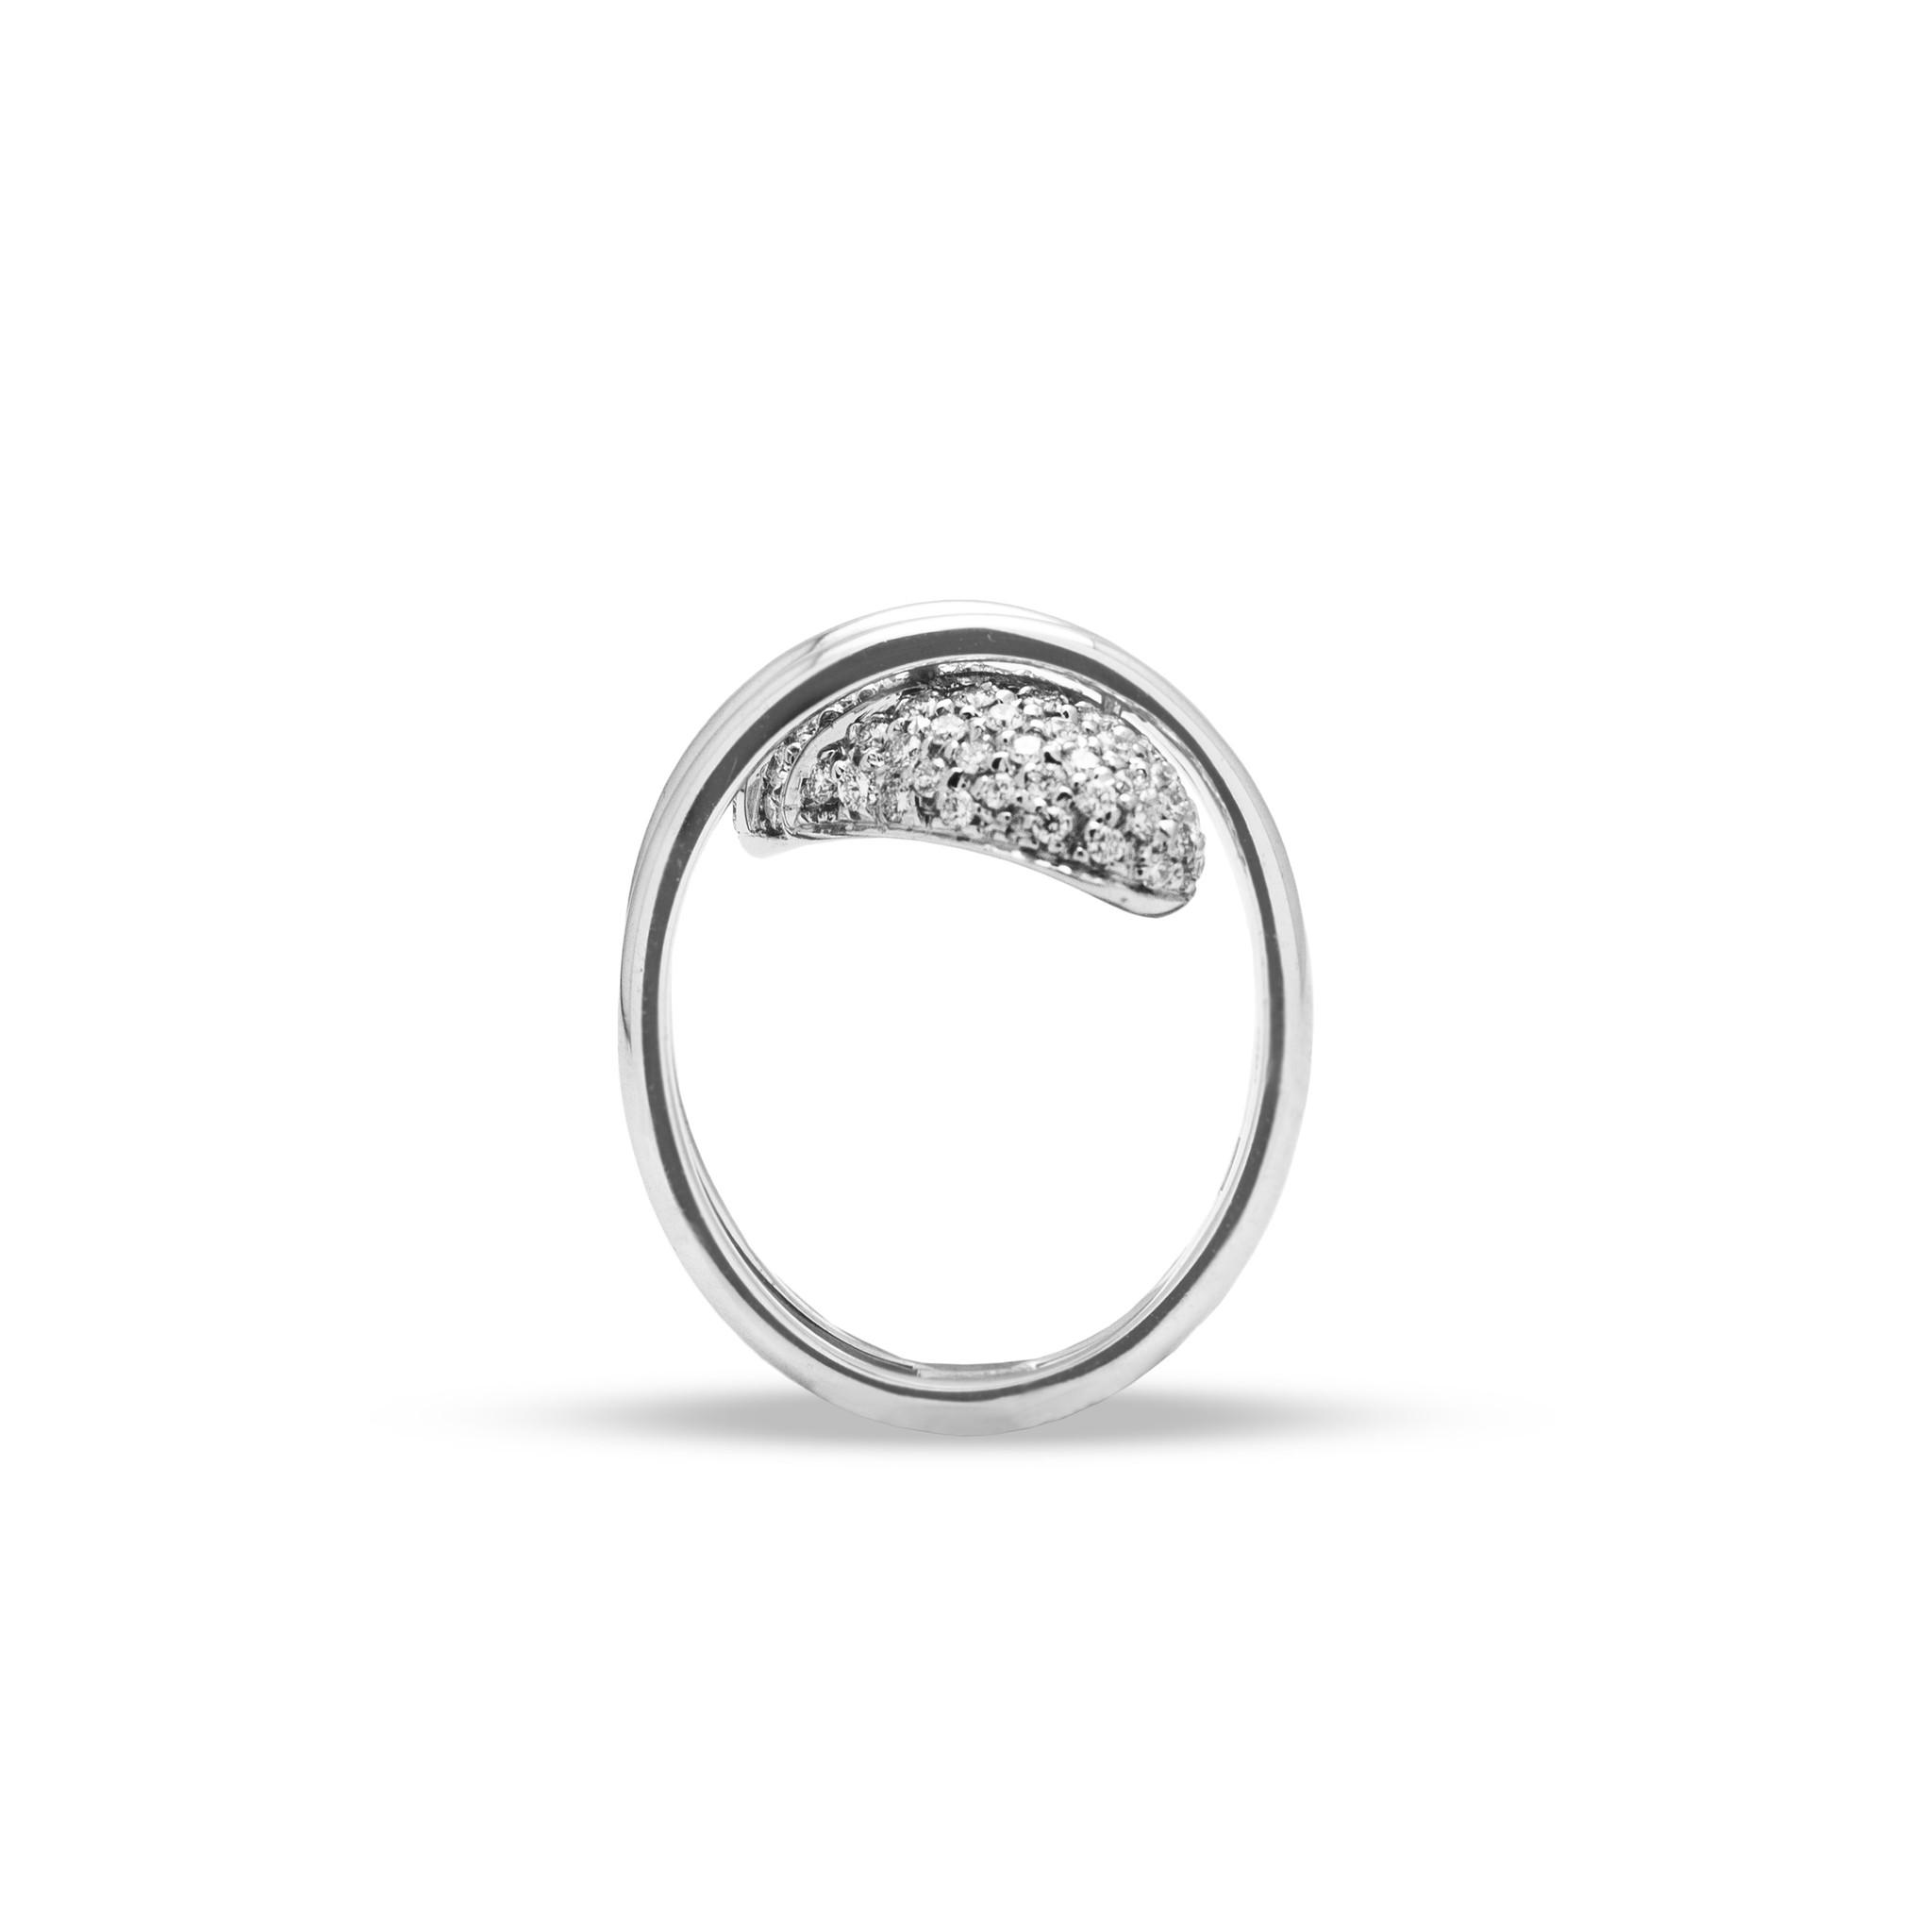 Private Label CvdK Een 18kt witgouden ring pavégezet met  diamant 0,75 ct